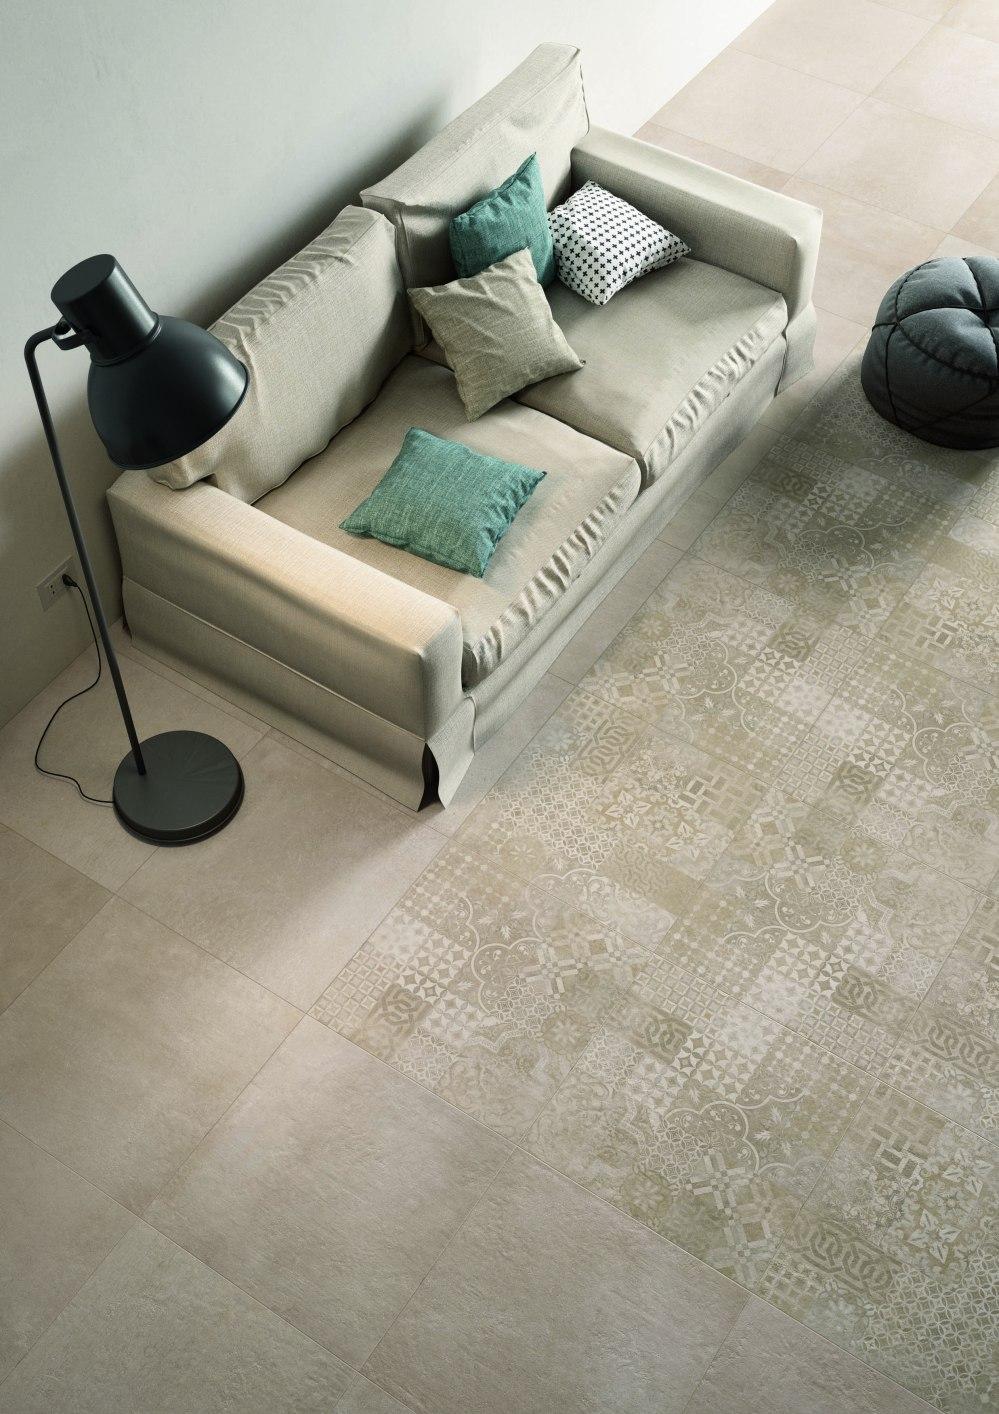 Bild tagen snett utifrån. Beige golv där en del av golvet har mönstrade plattor i samma nyans. Det finns en beige soffa och en svart lampa.